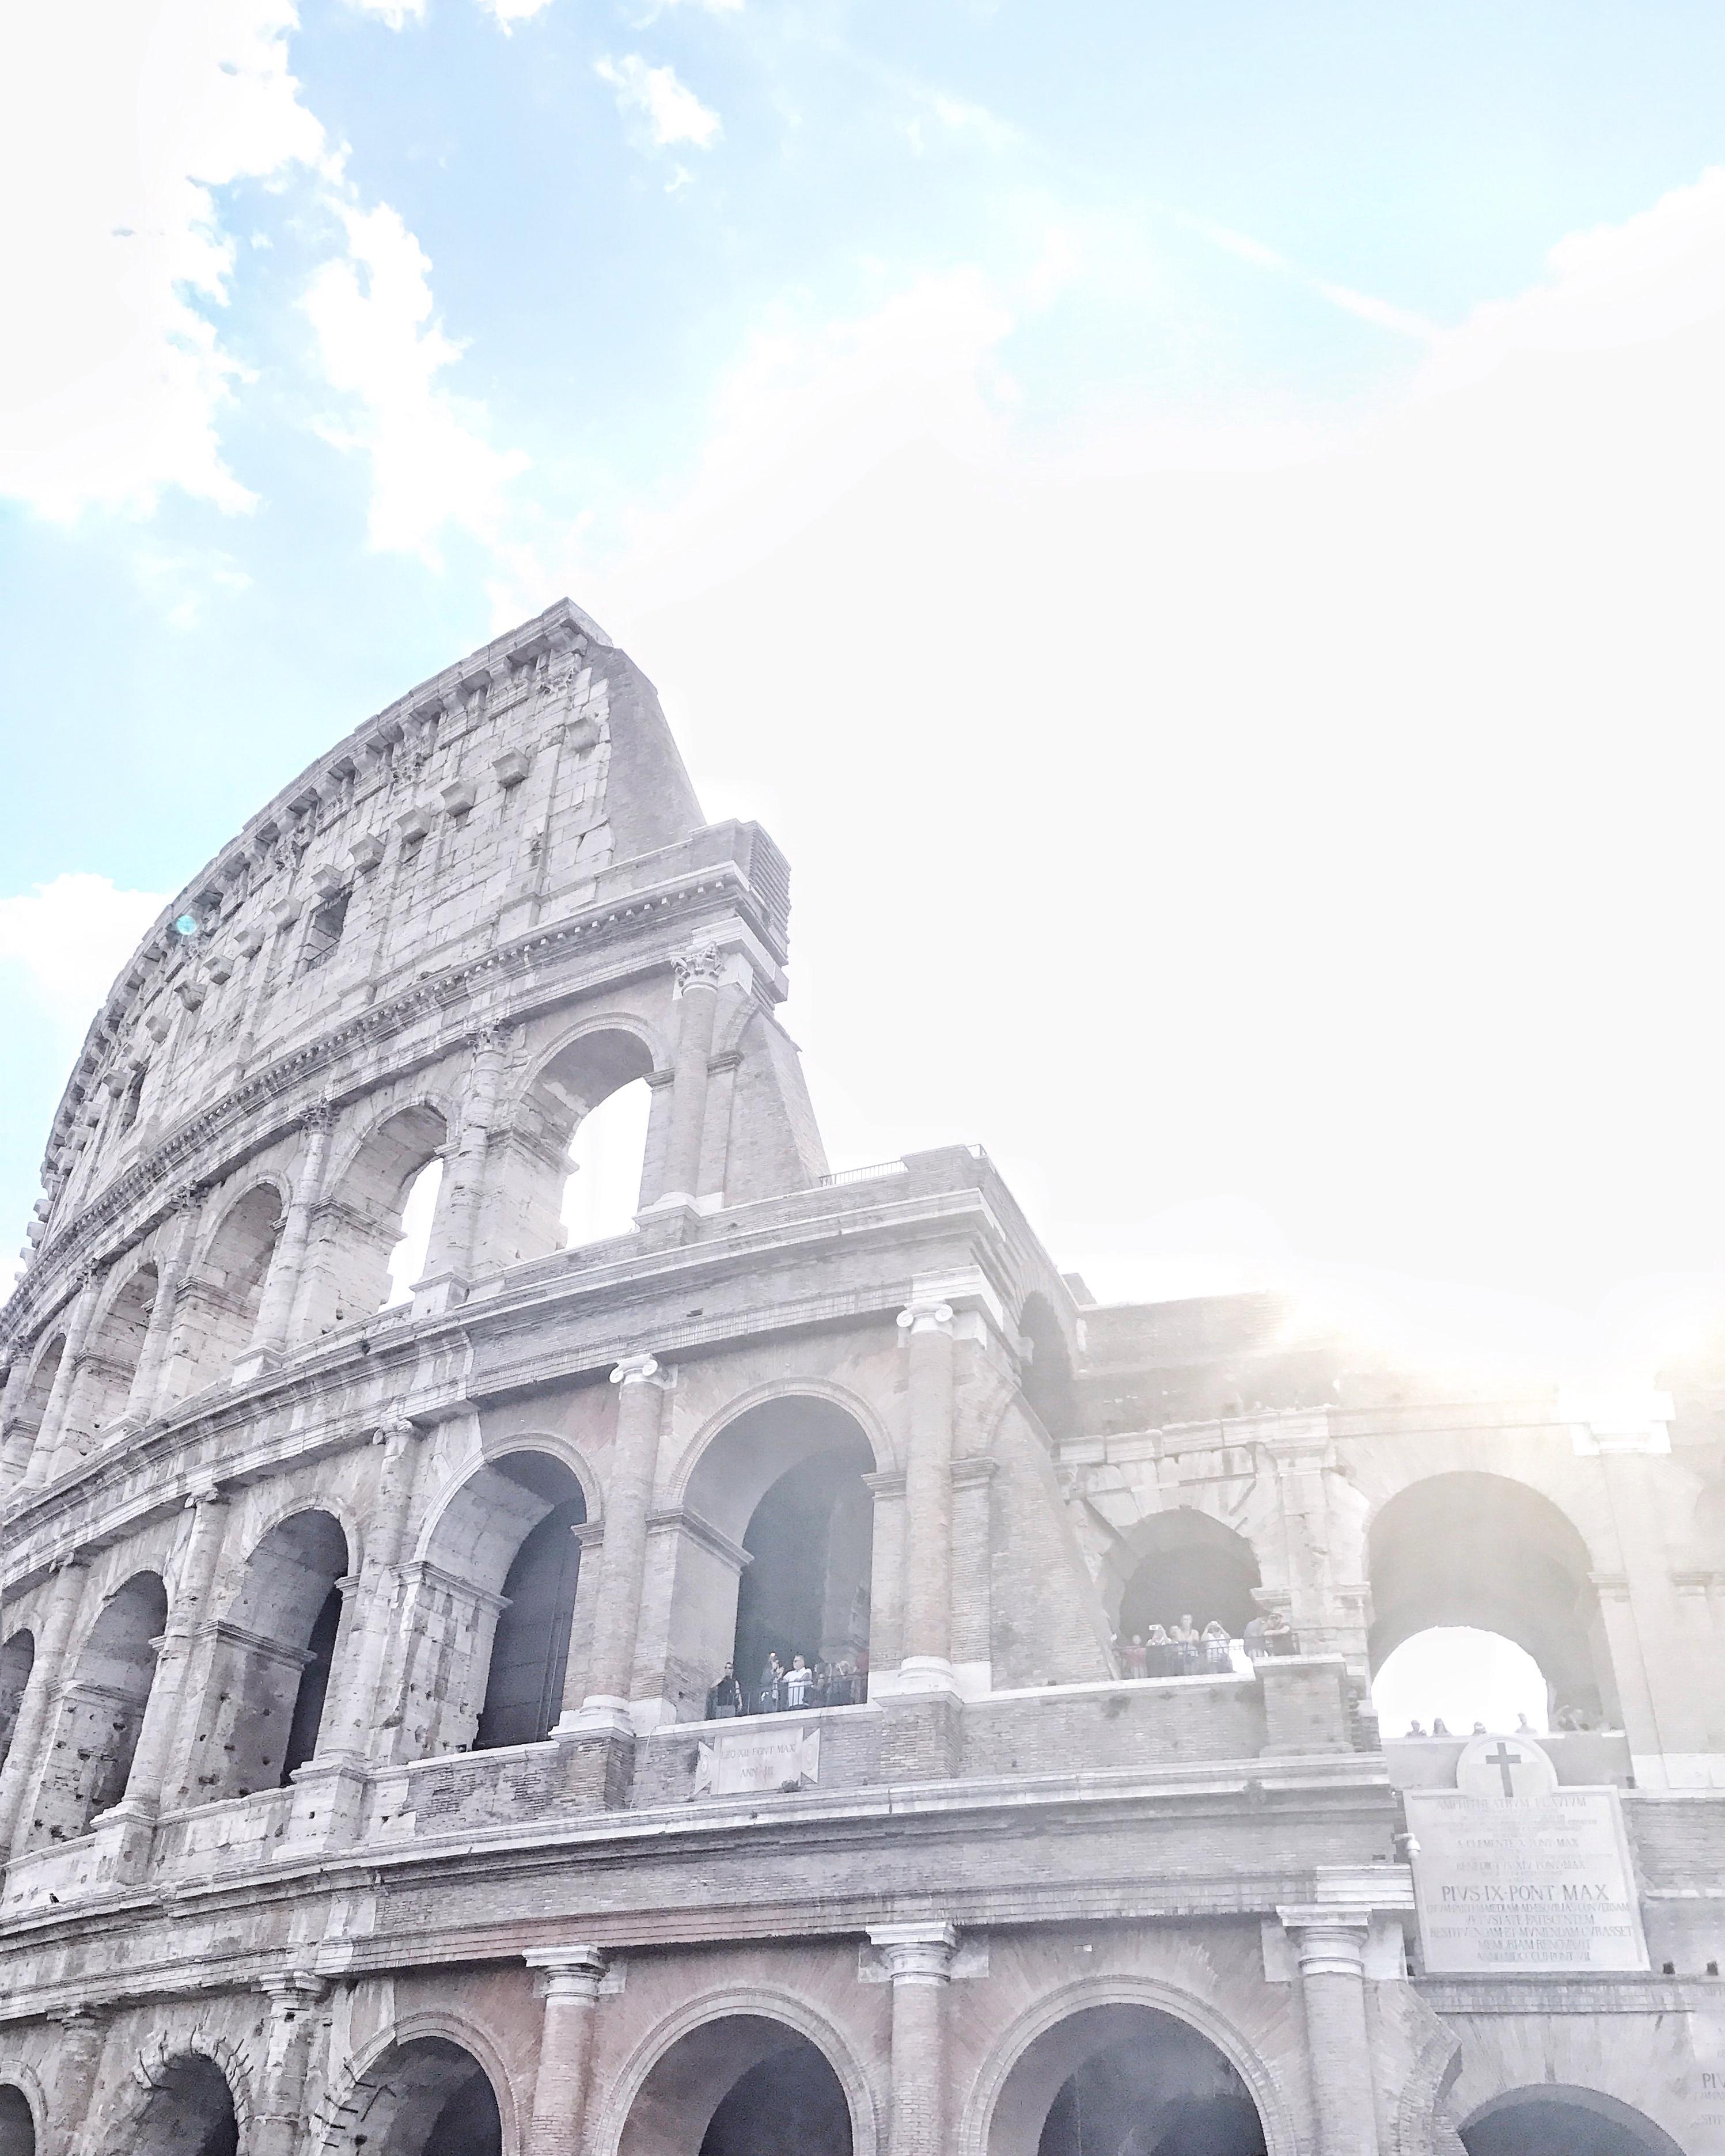 roma, italia 🇮🇹